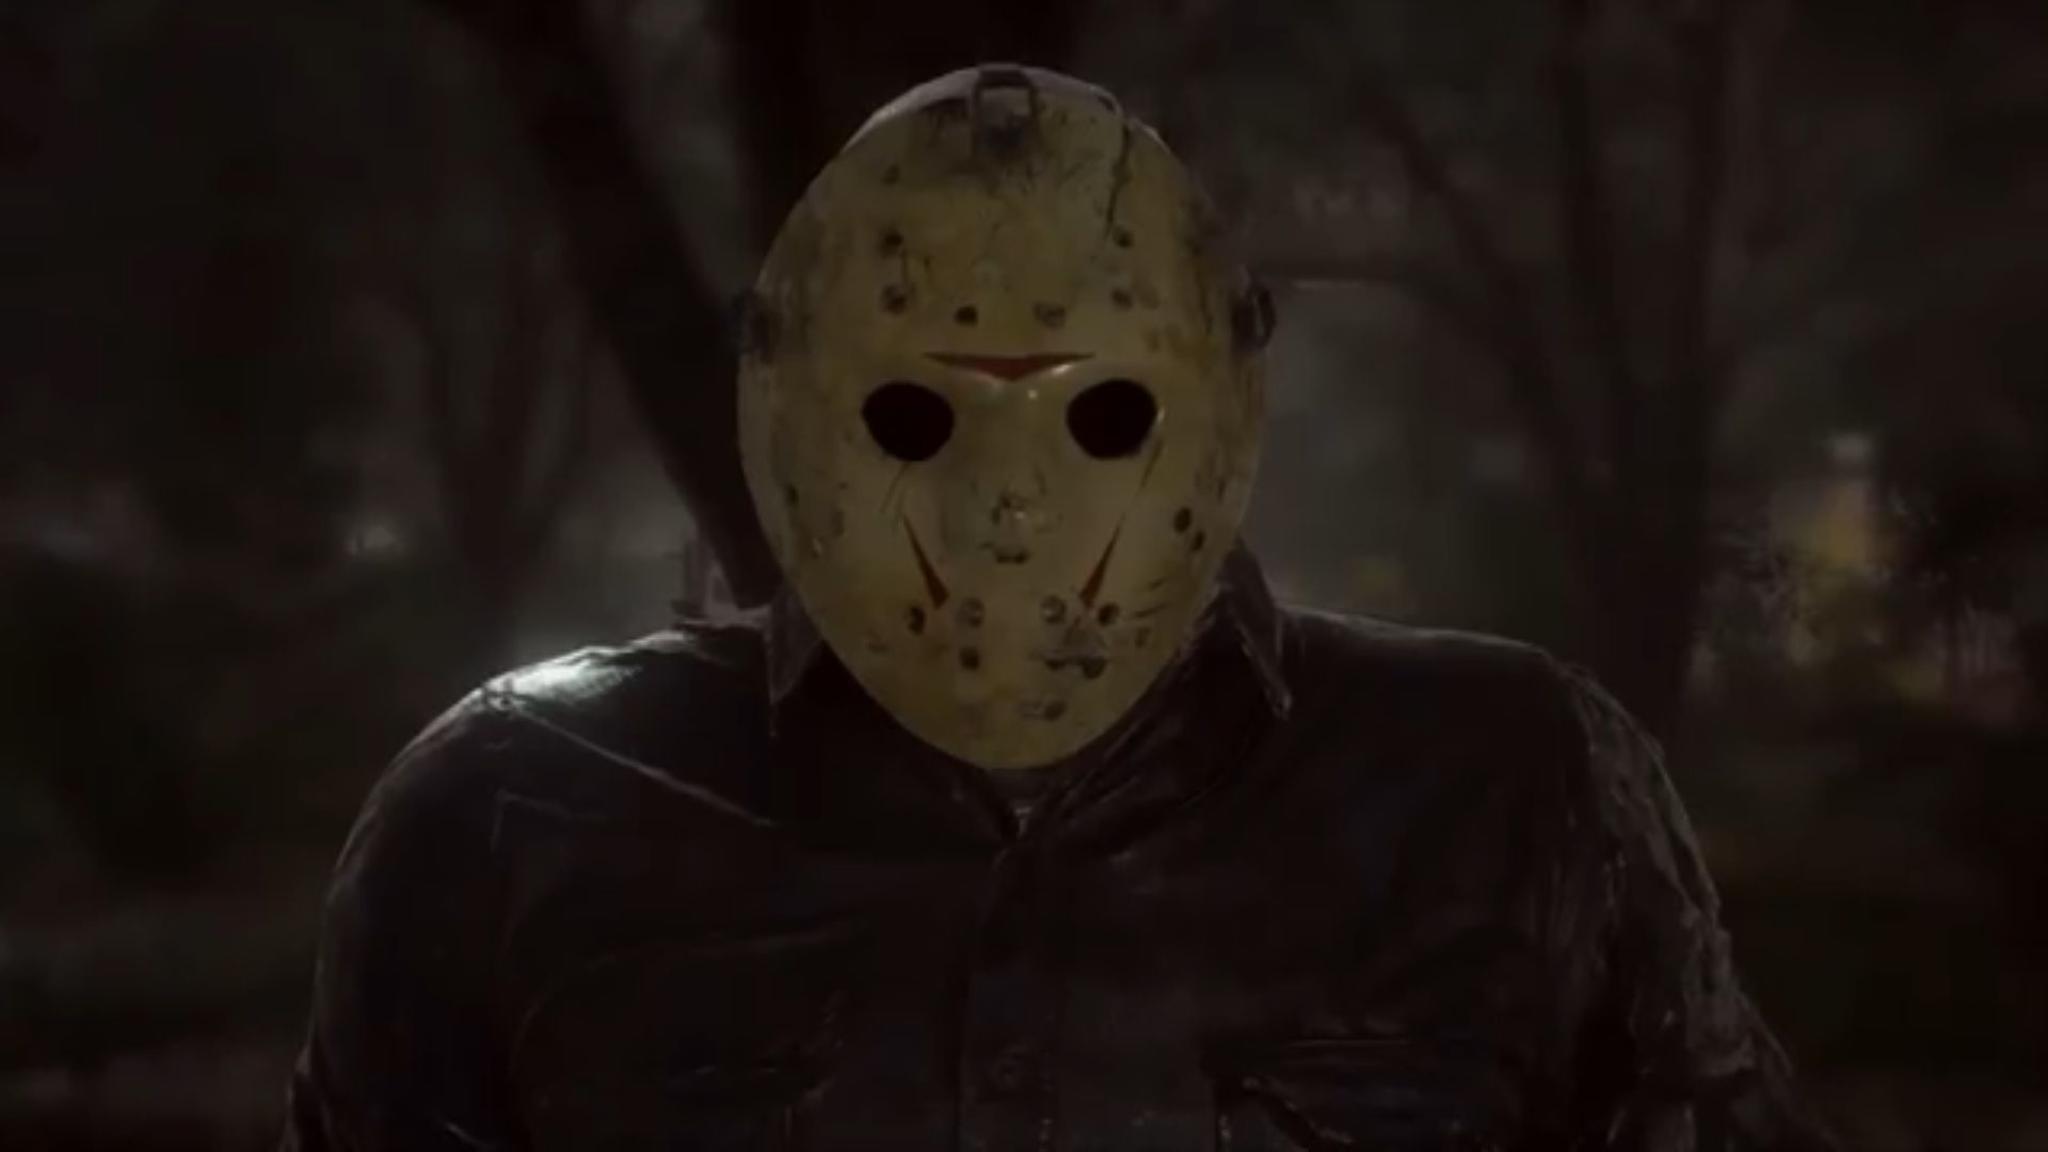 Dieses Gesicht kann nur eine Mutter lieben! Also diese Maske.